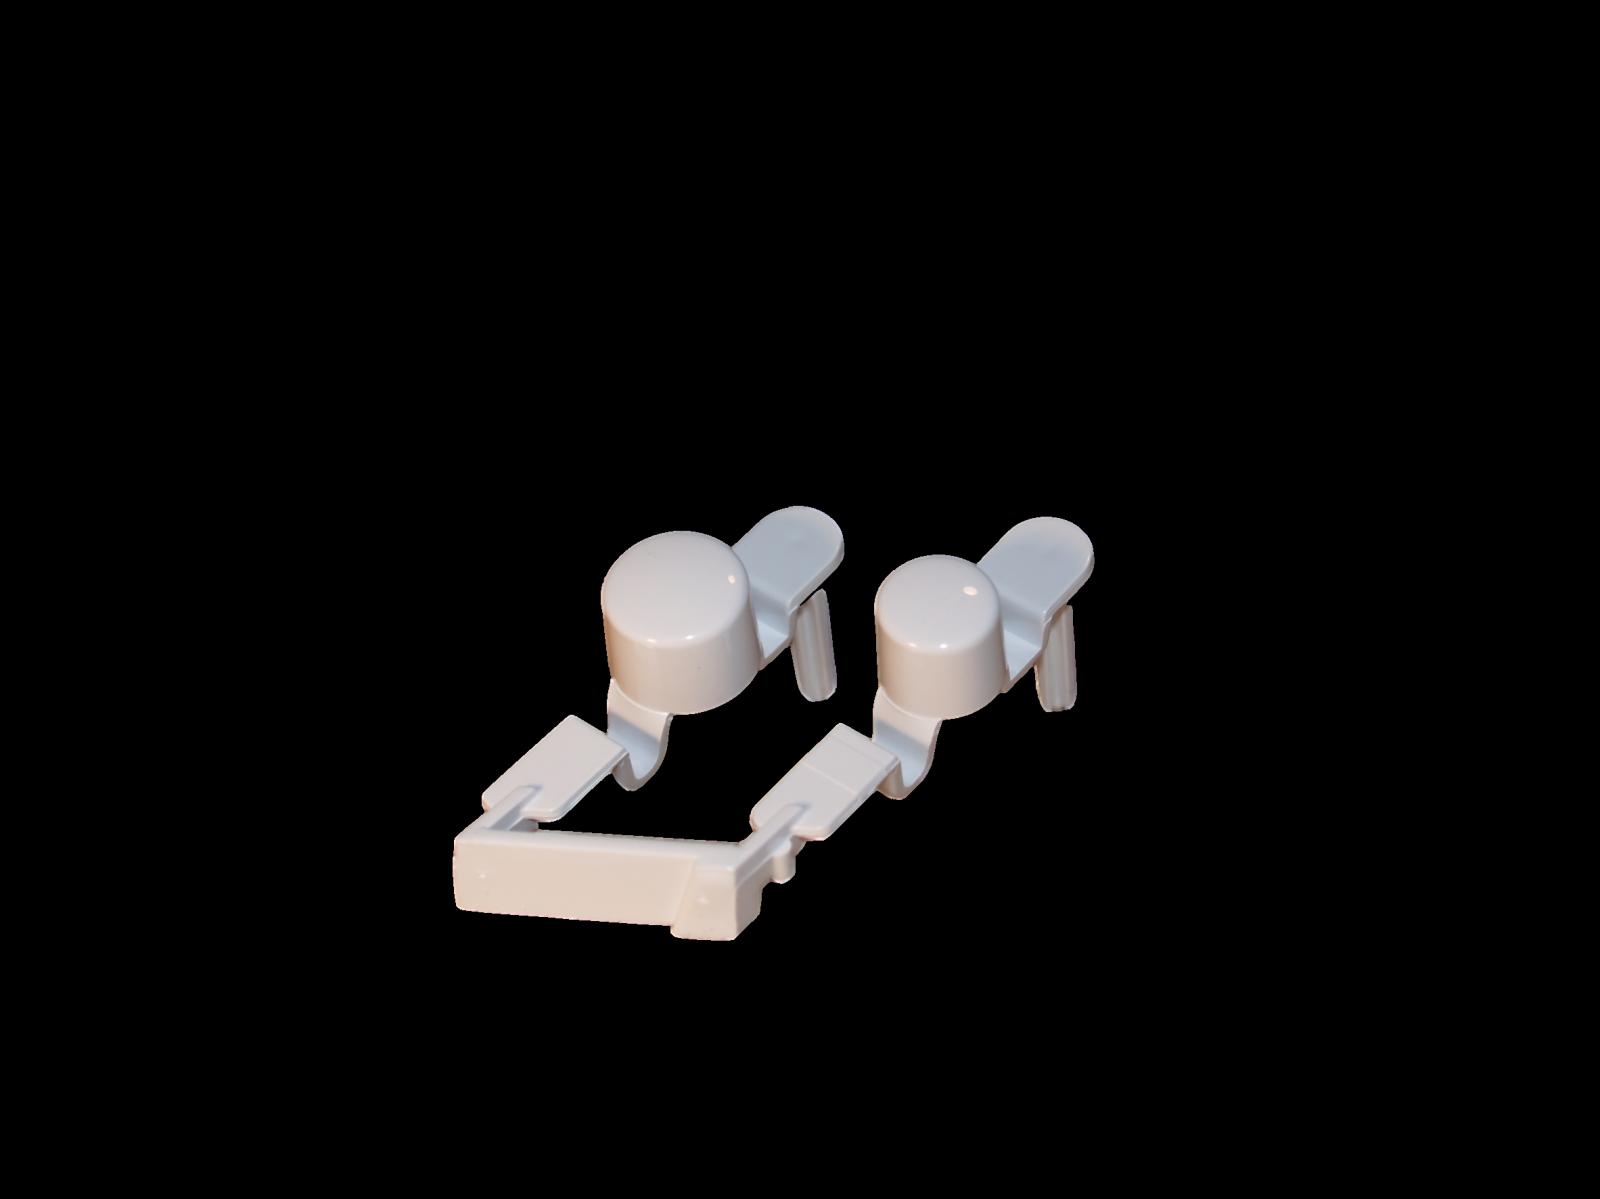 dvoutlačítko, knoflíky pro pračky Whirlpool - 481241029582 Whirlpool / Indesit